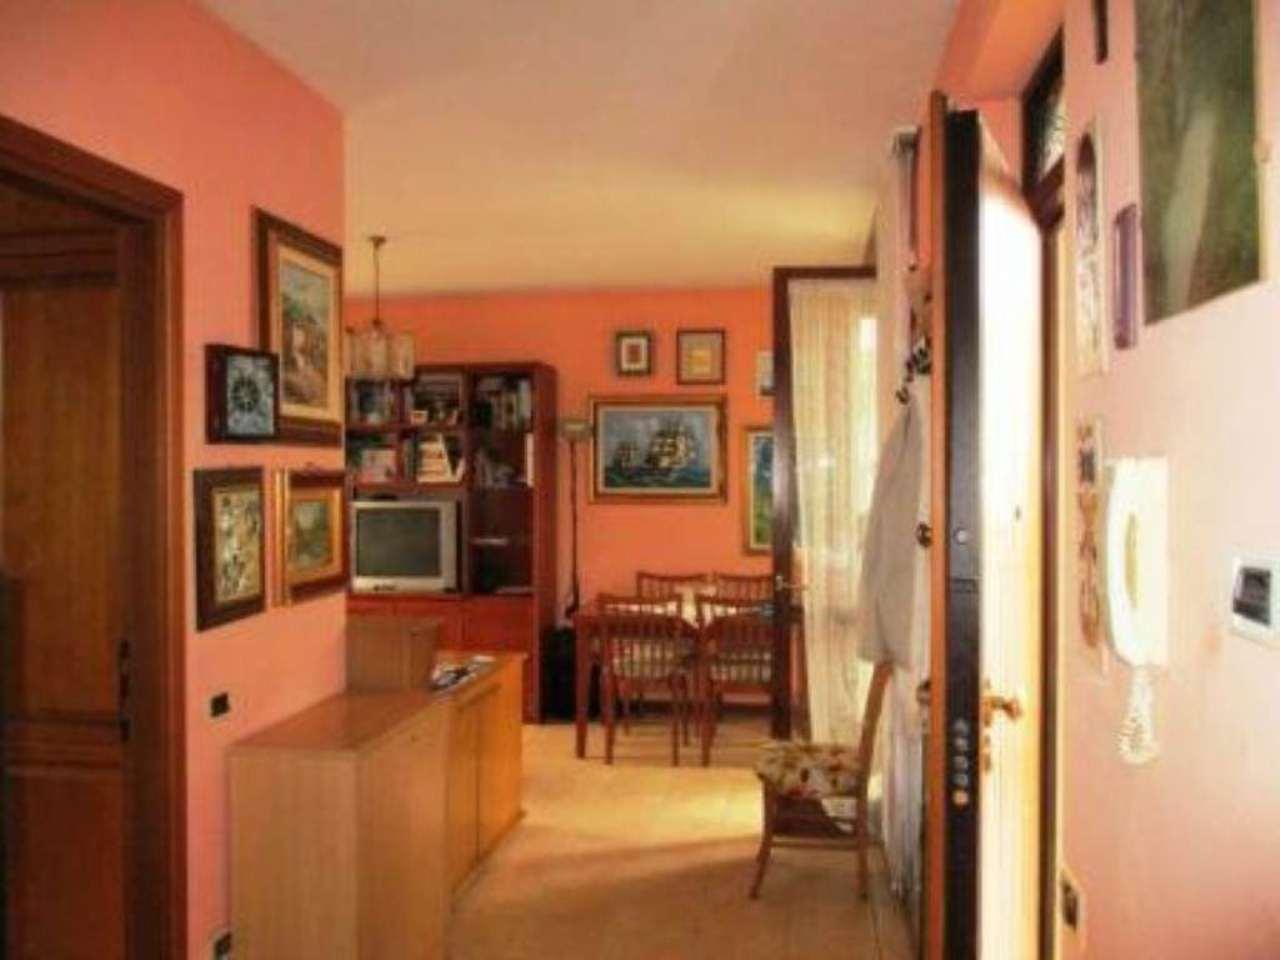 Soluzione Indipendente in vendita a Caravaggio, 3 locali, prezzo € 125.000 | Cambio Casa.it